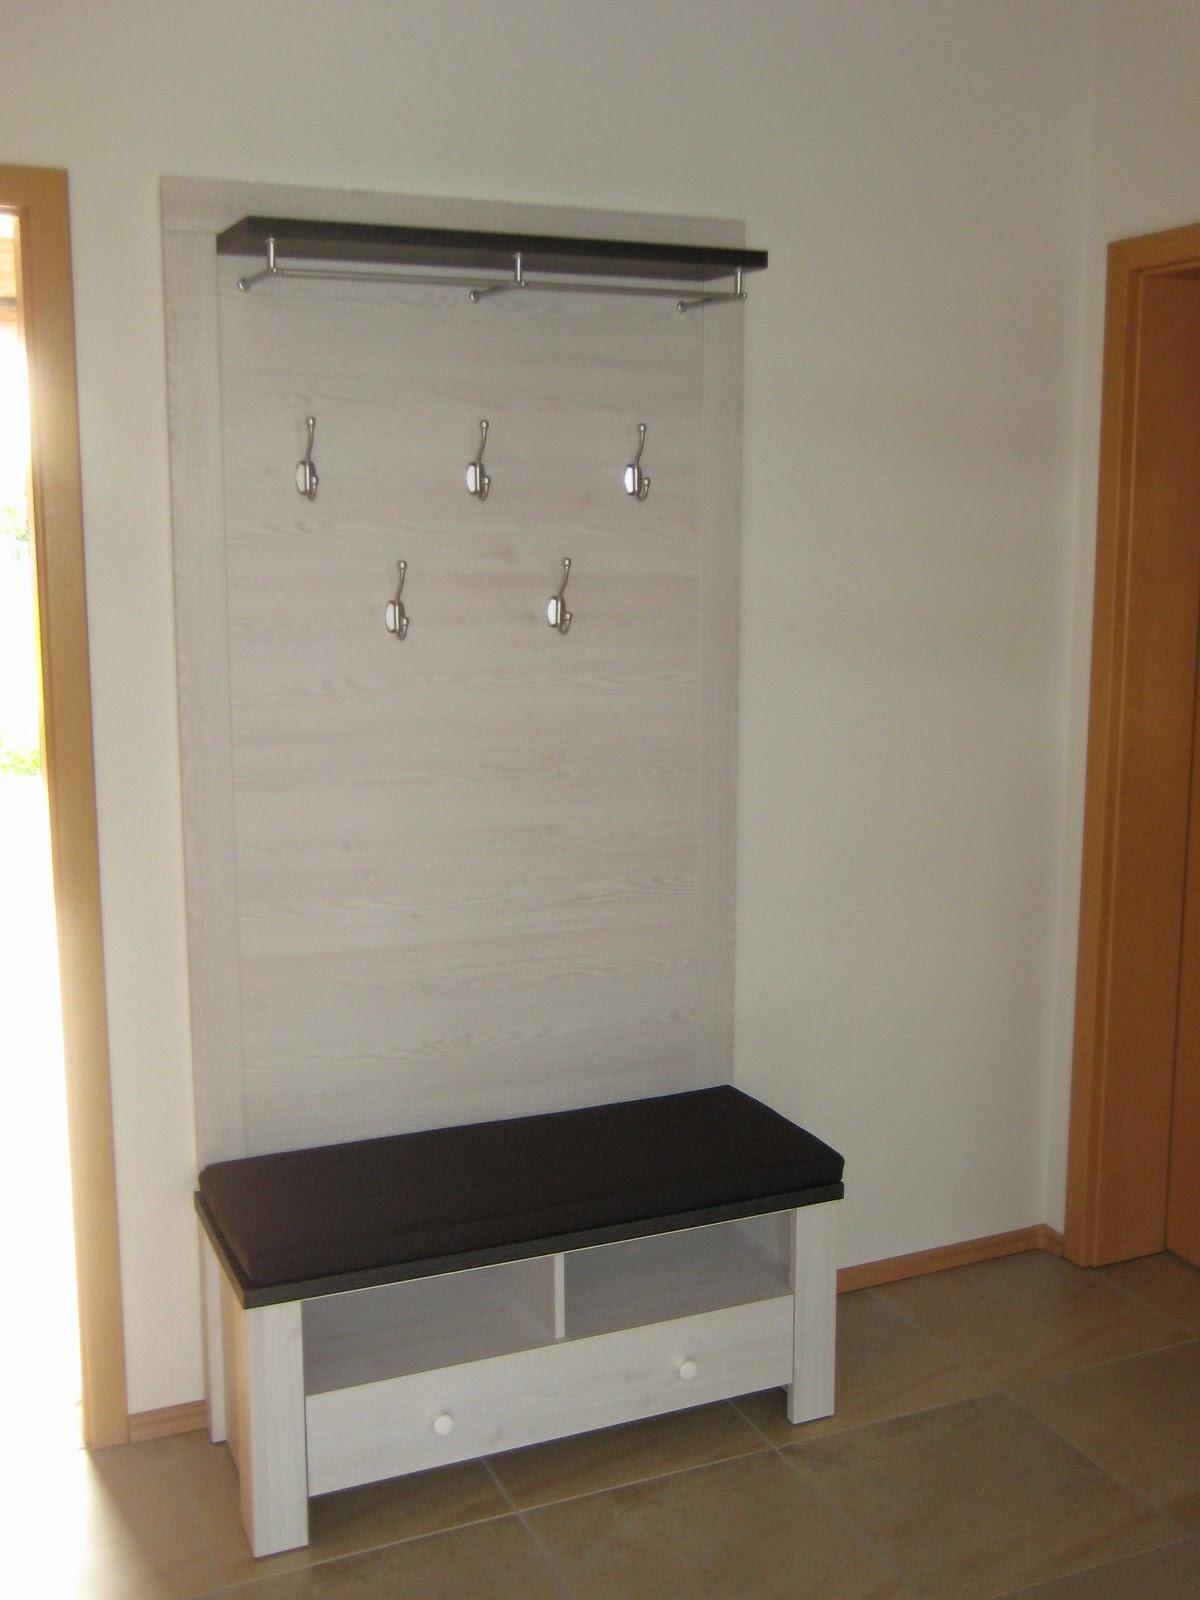 baublog von susi und sven urlaubswoche geht zu ende. Black Bedroom Furniture Sets. Home Design Ideas